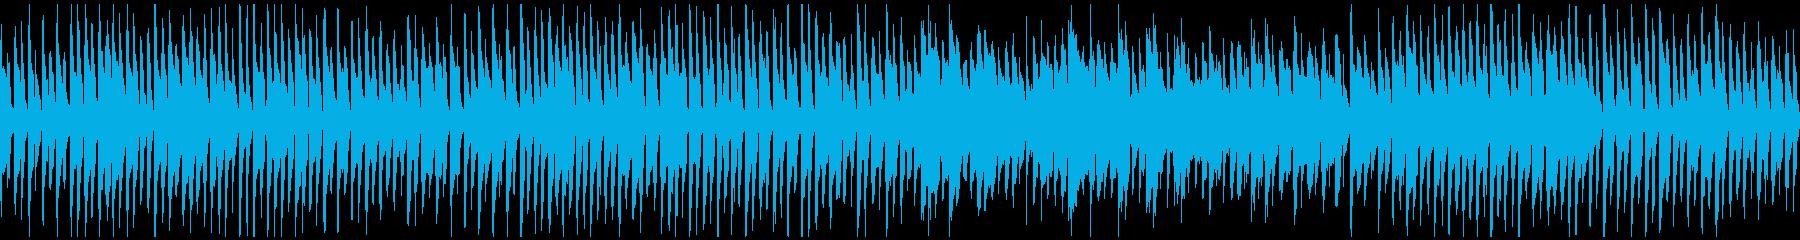 ふわふわリコーダー ※ループ仕様版の再生済みの波形